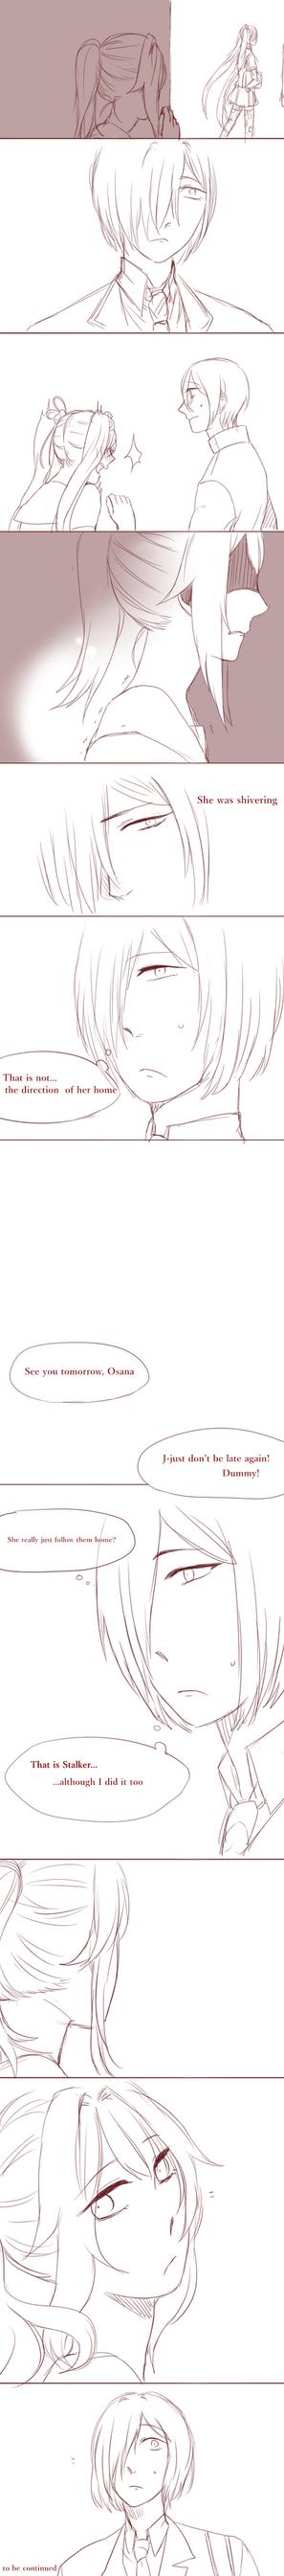 'who are you'-8 by Koumi-senpai